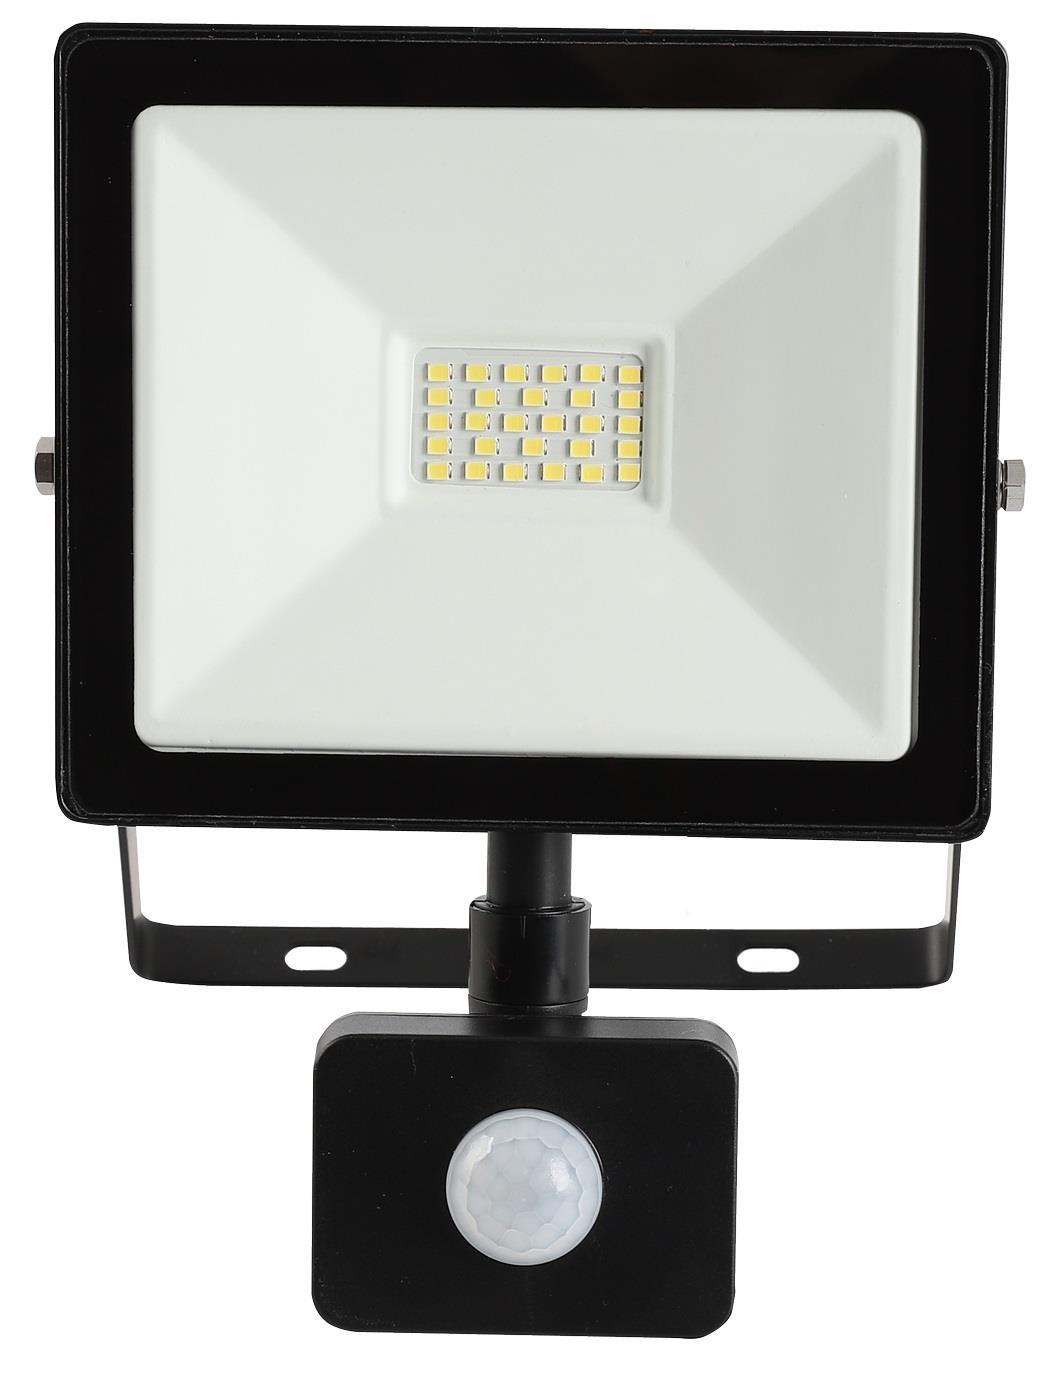 LED reflektor TOMI SMD s pohybovým senzorem 20W (GXLR019)